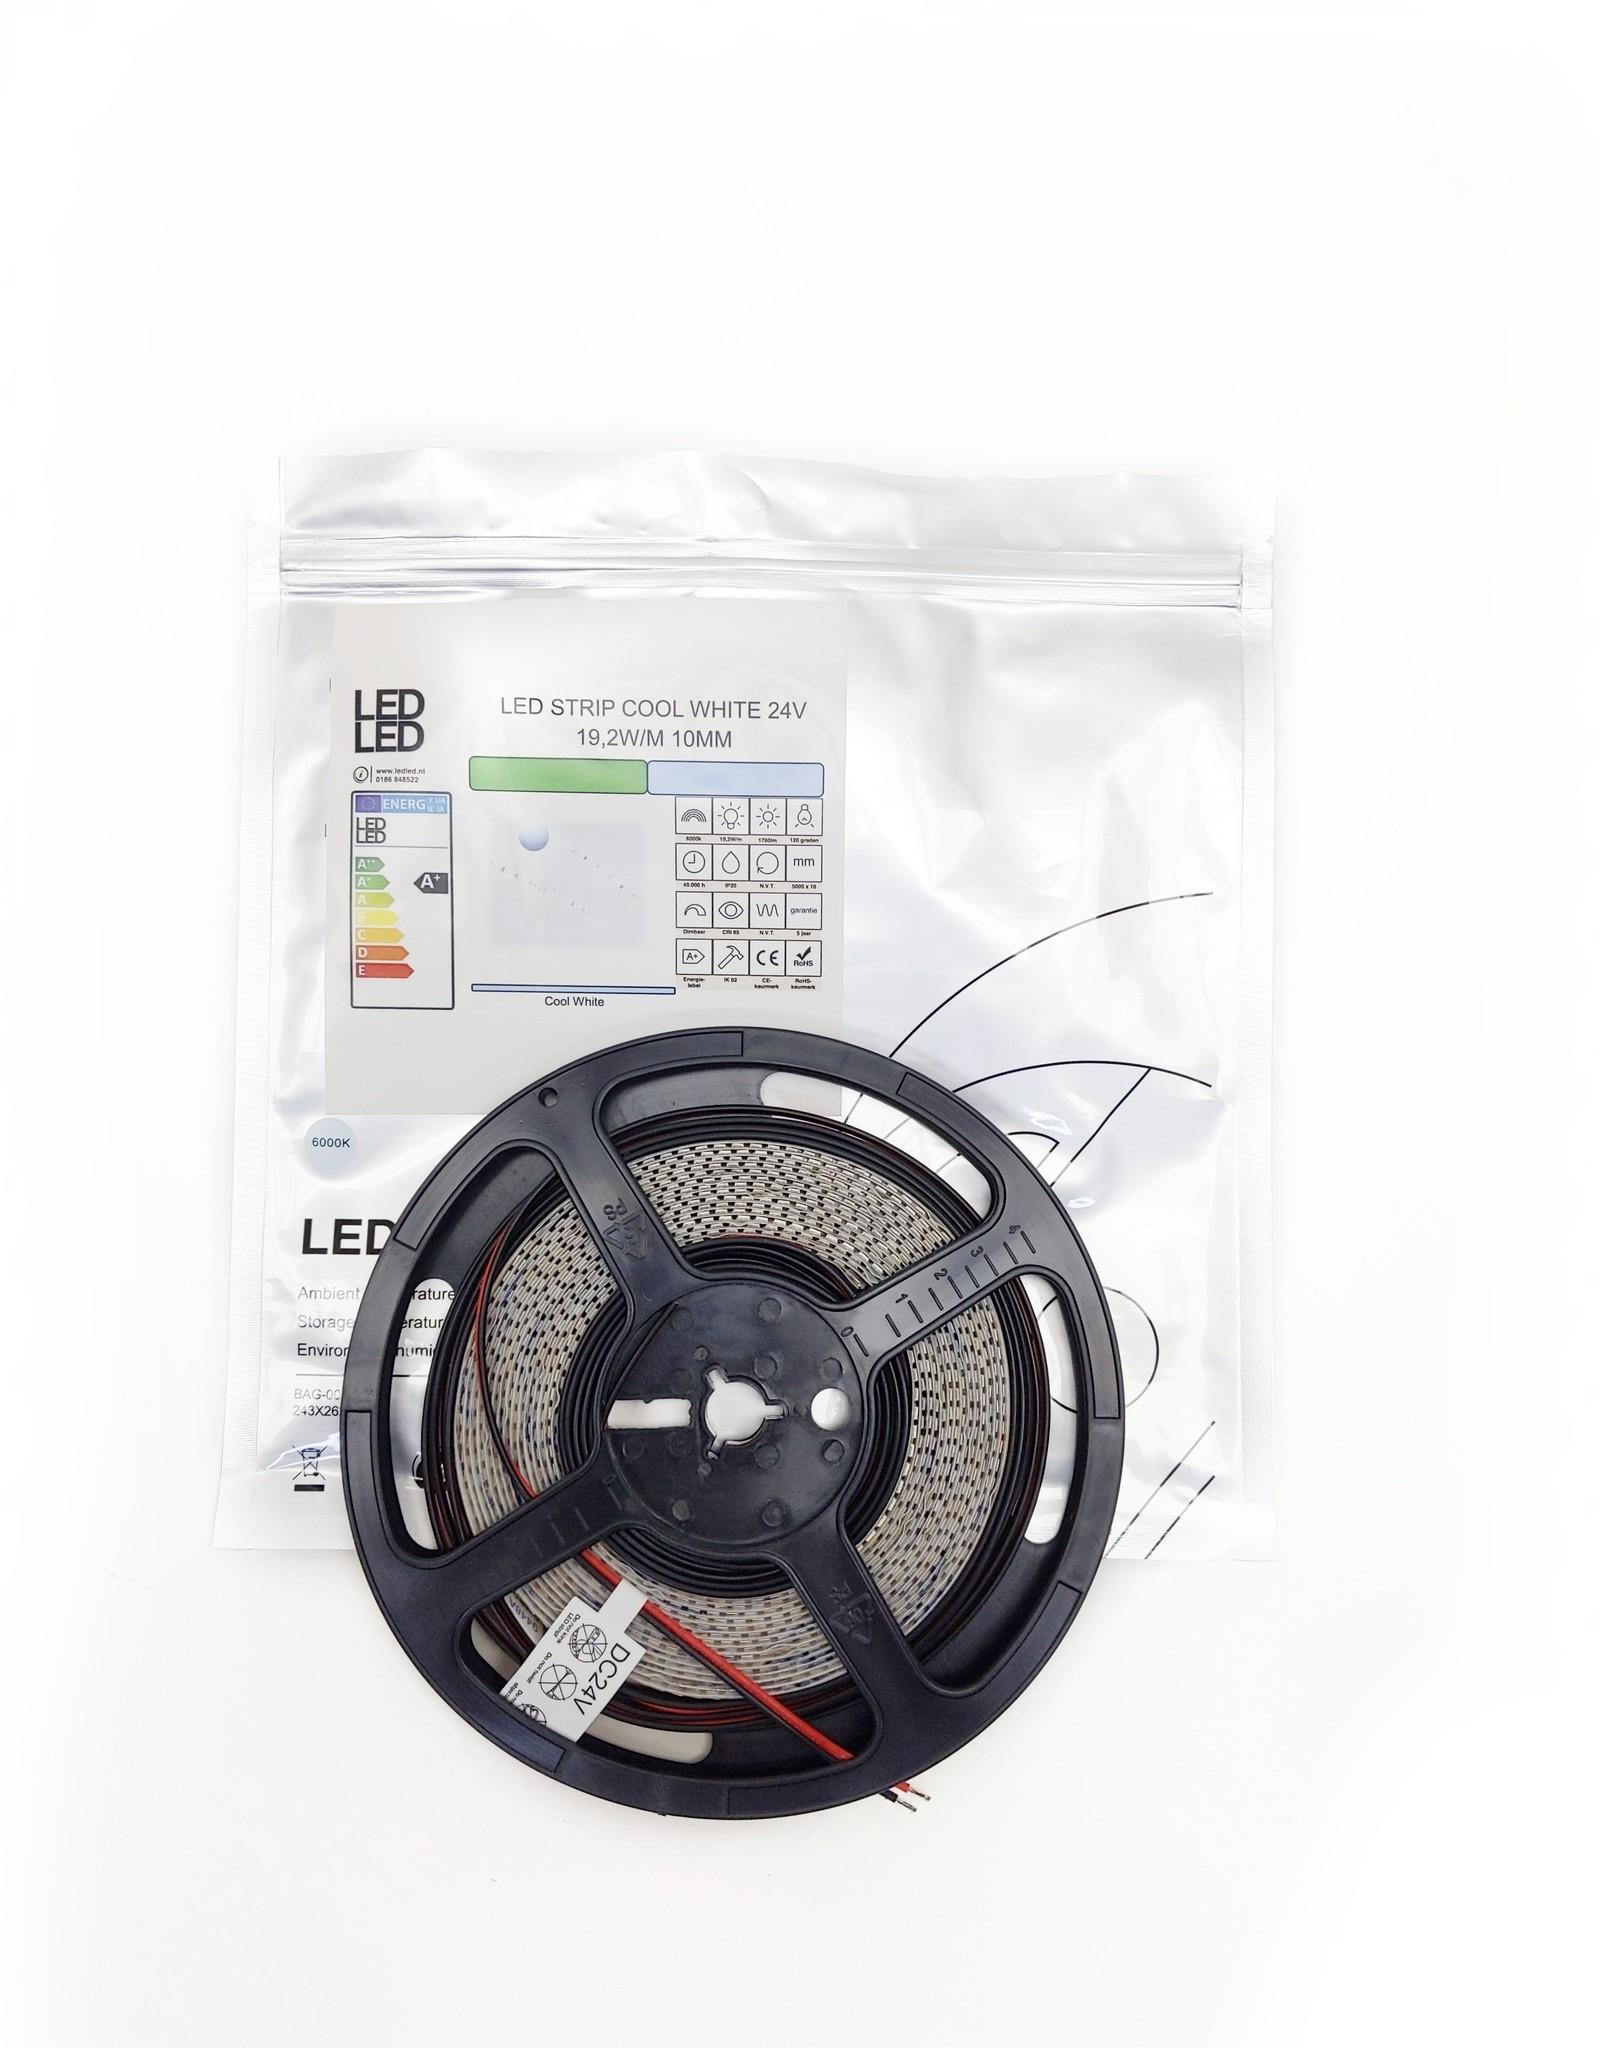 LedLed Varo led strip   5m   6000k   24V   19,2W/m   12mm